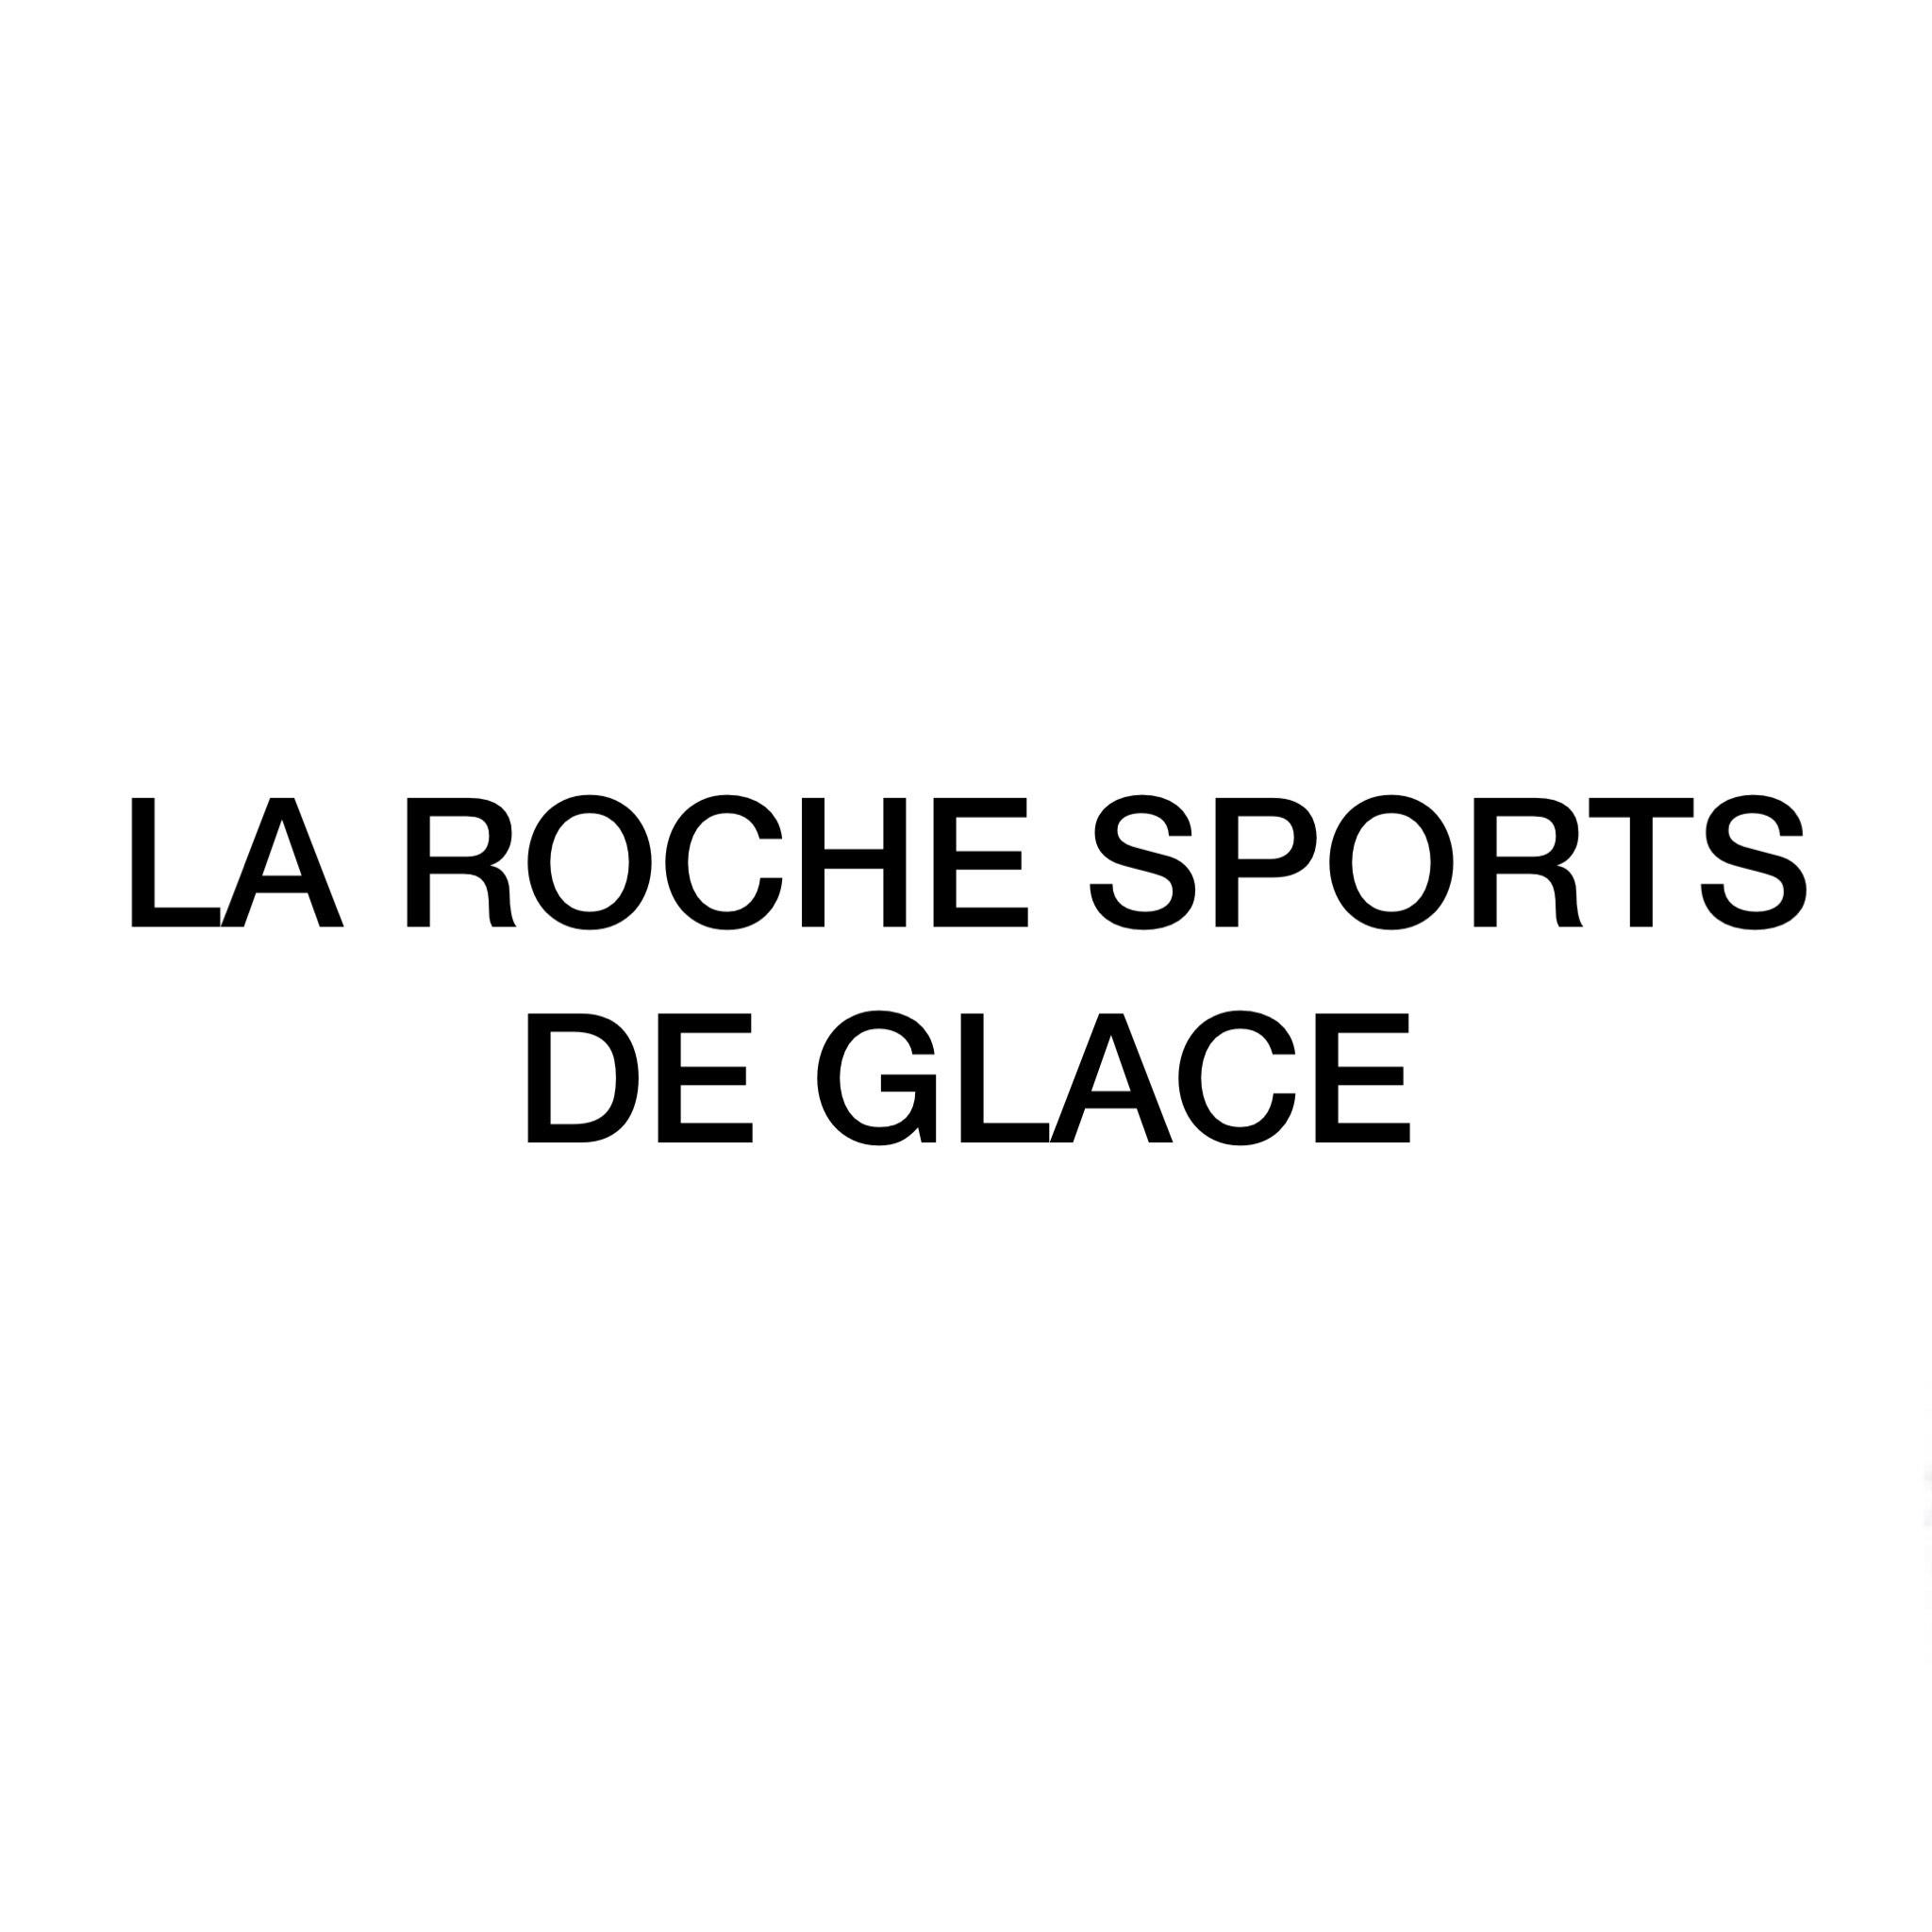 ROCHE SPORTS DE GLACE